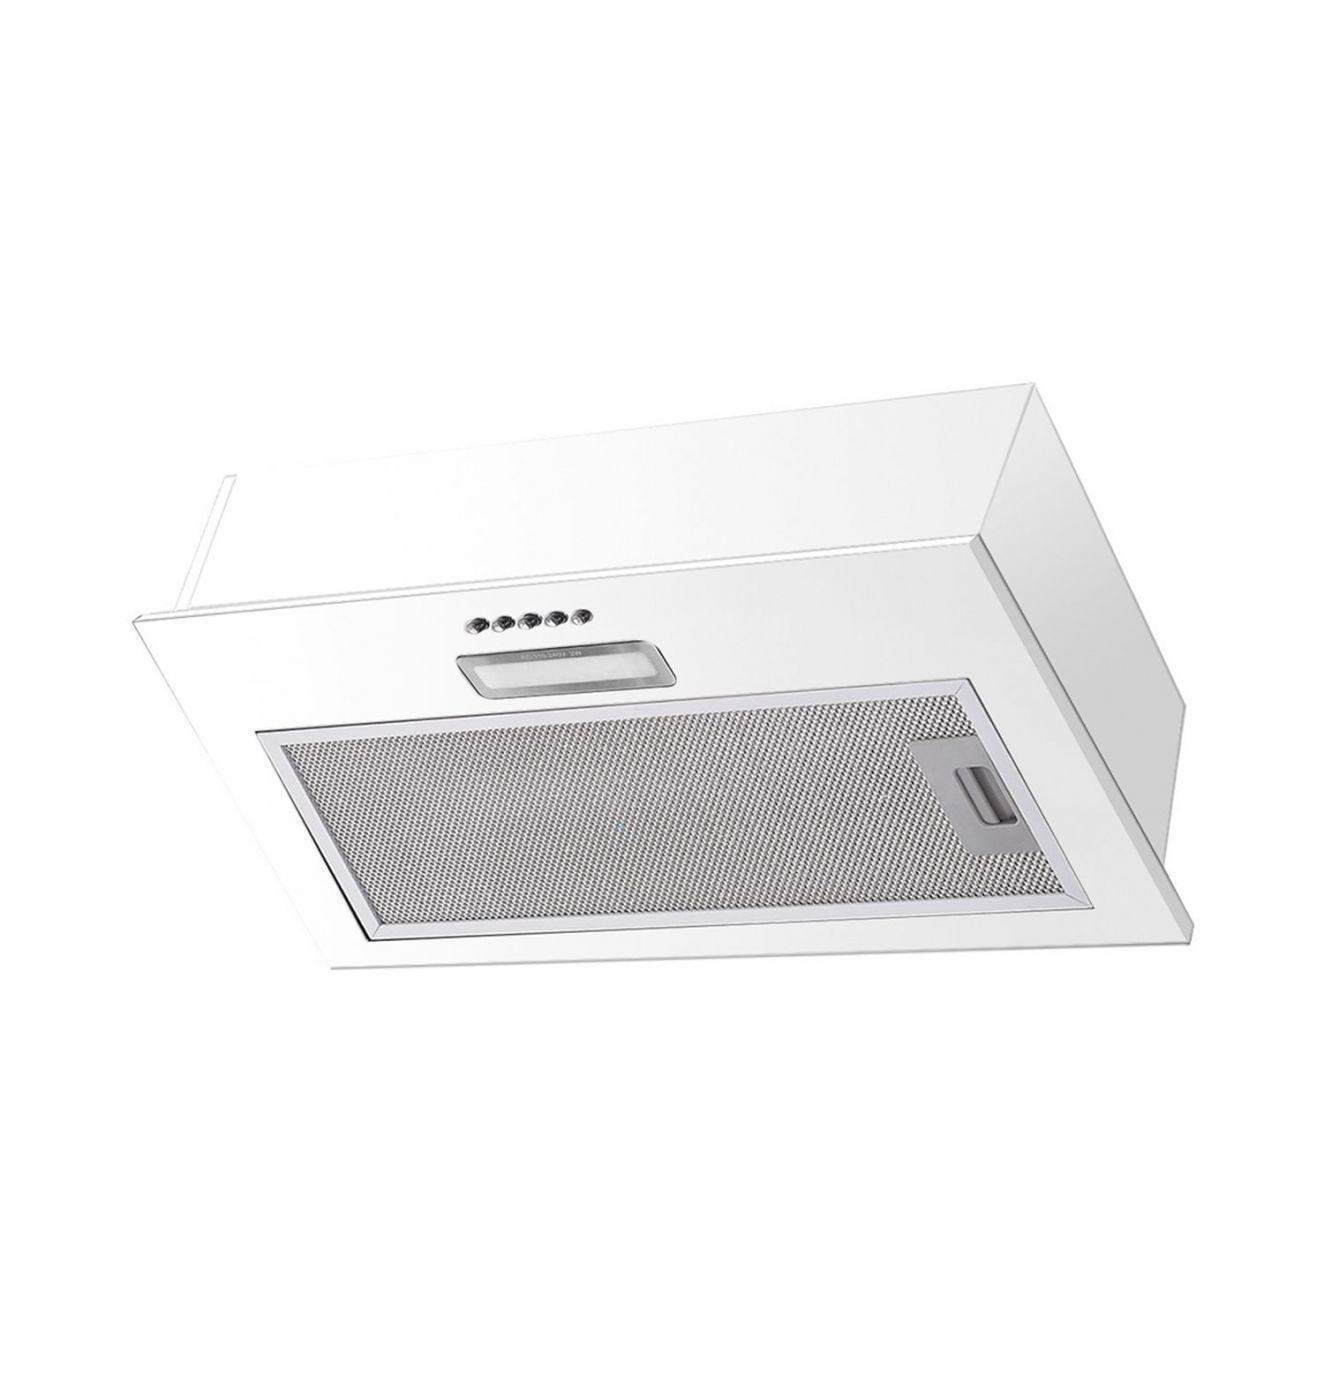 Кухонная вытяжка Lex GS BLOC LIGHT 600 WHITE (CHTI000329)